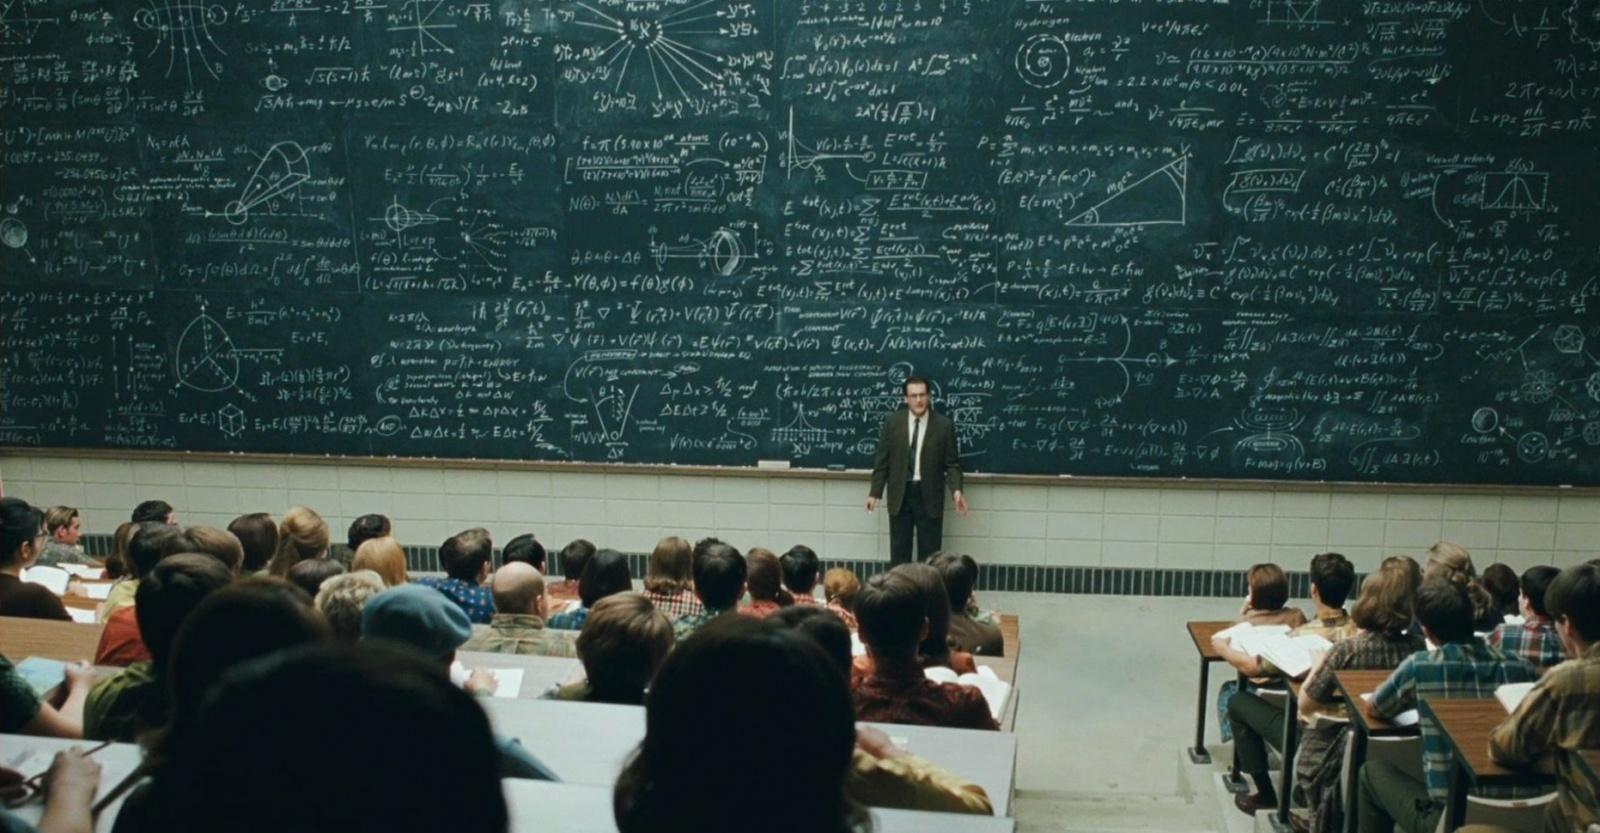 «Специалист по большим данным»: учебная программа от «Лаборатории новых профессий» - 1